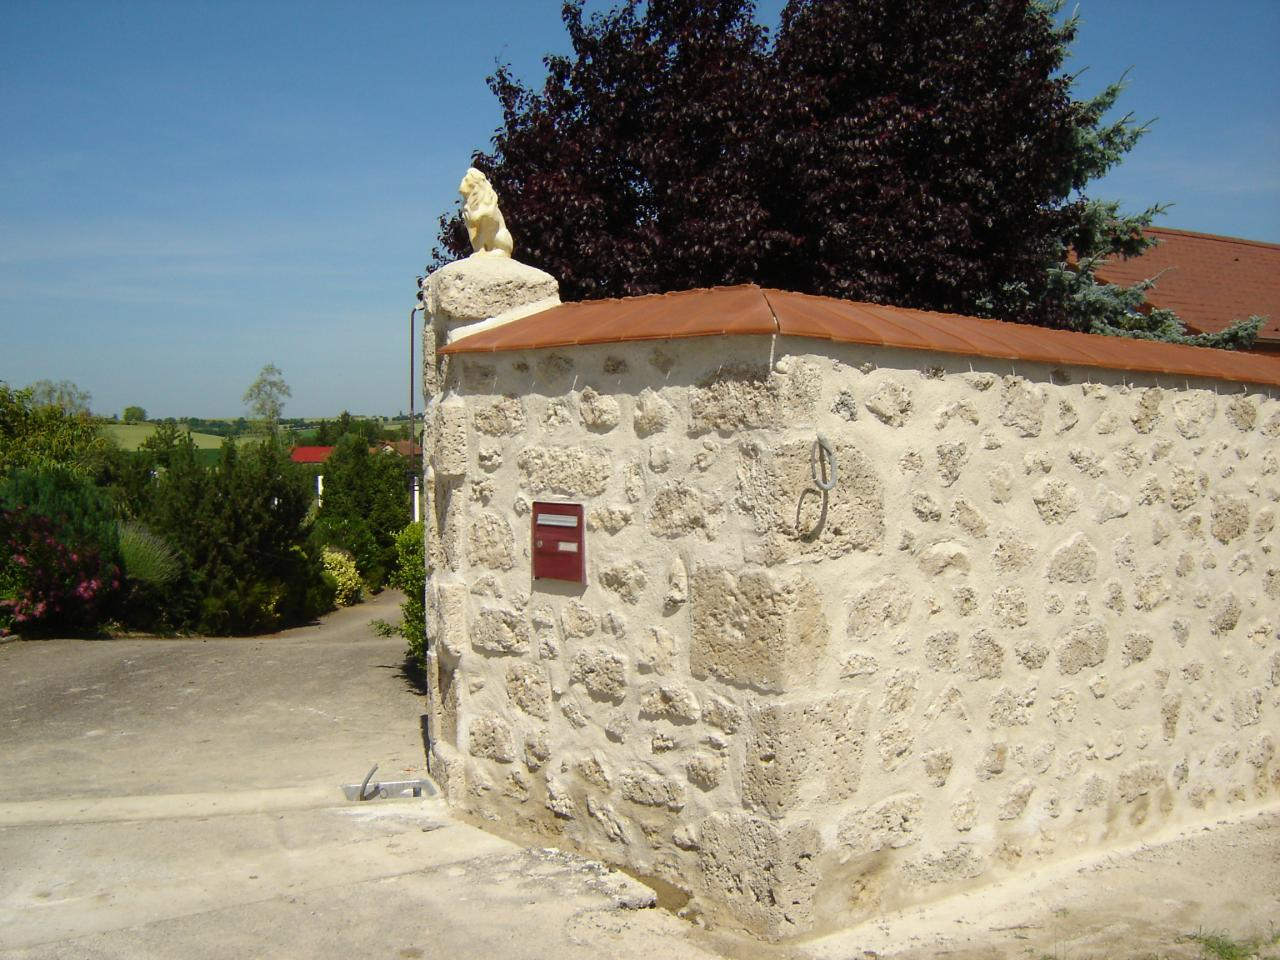 Mur de cl ture en pierre - Mur privatif droit et devoir ...